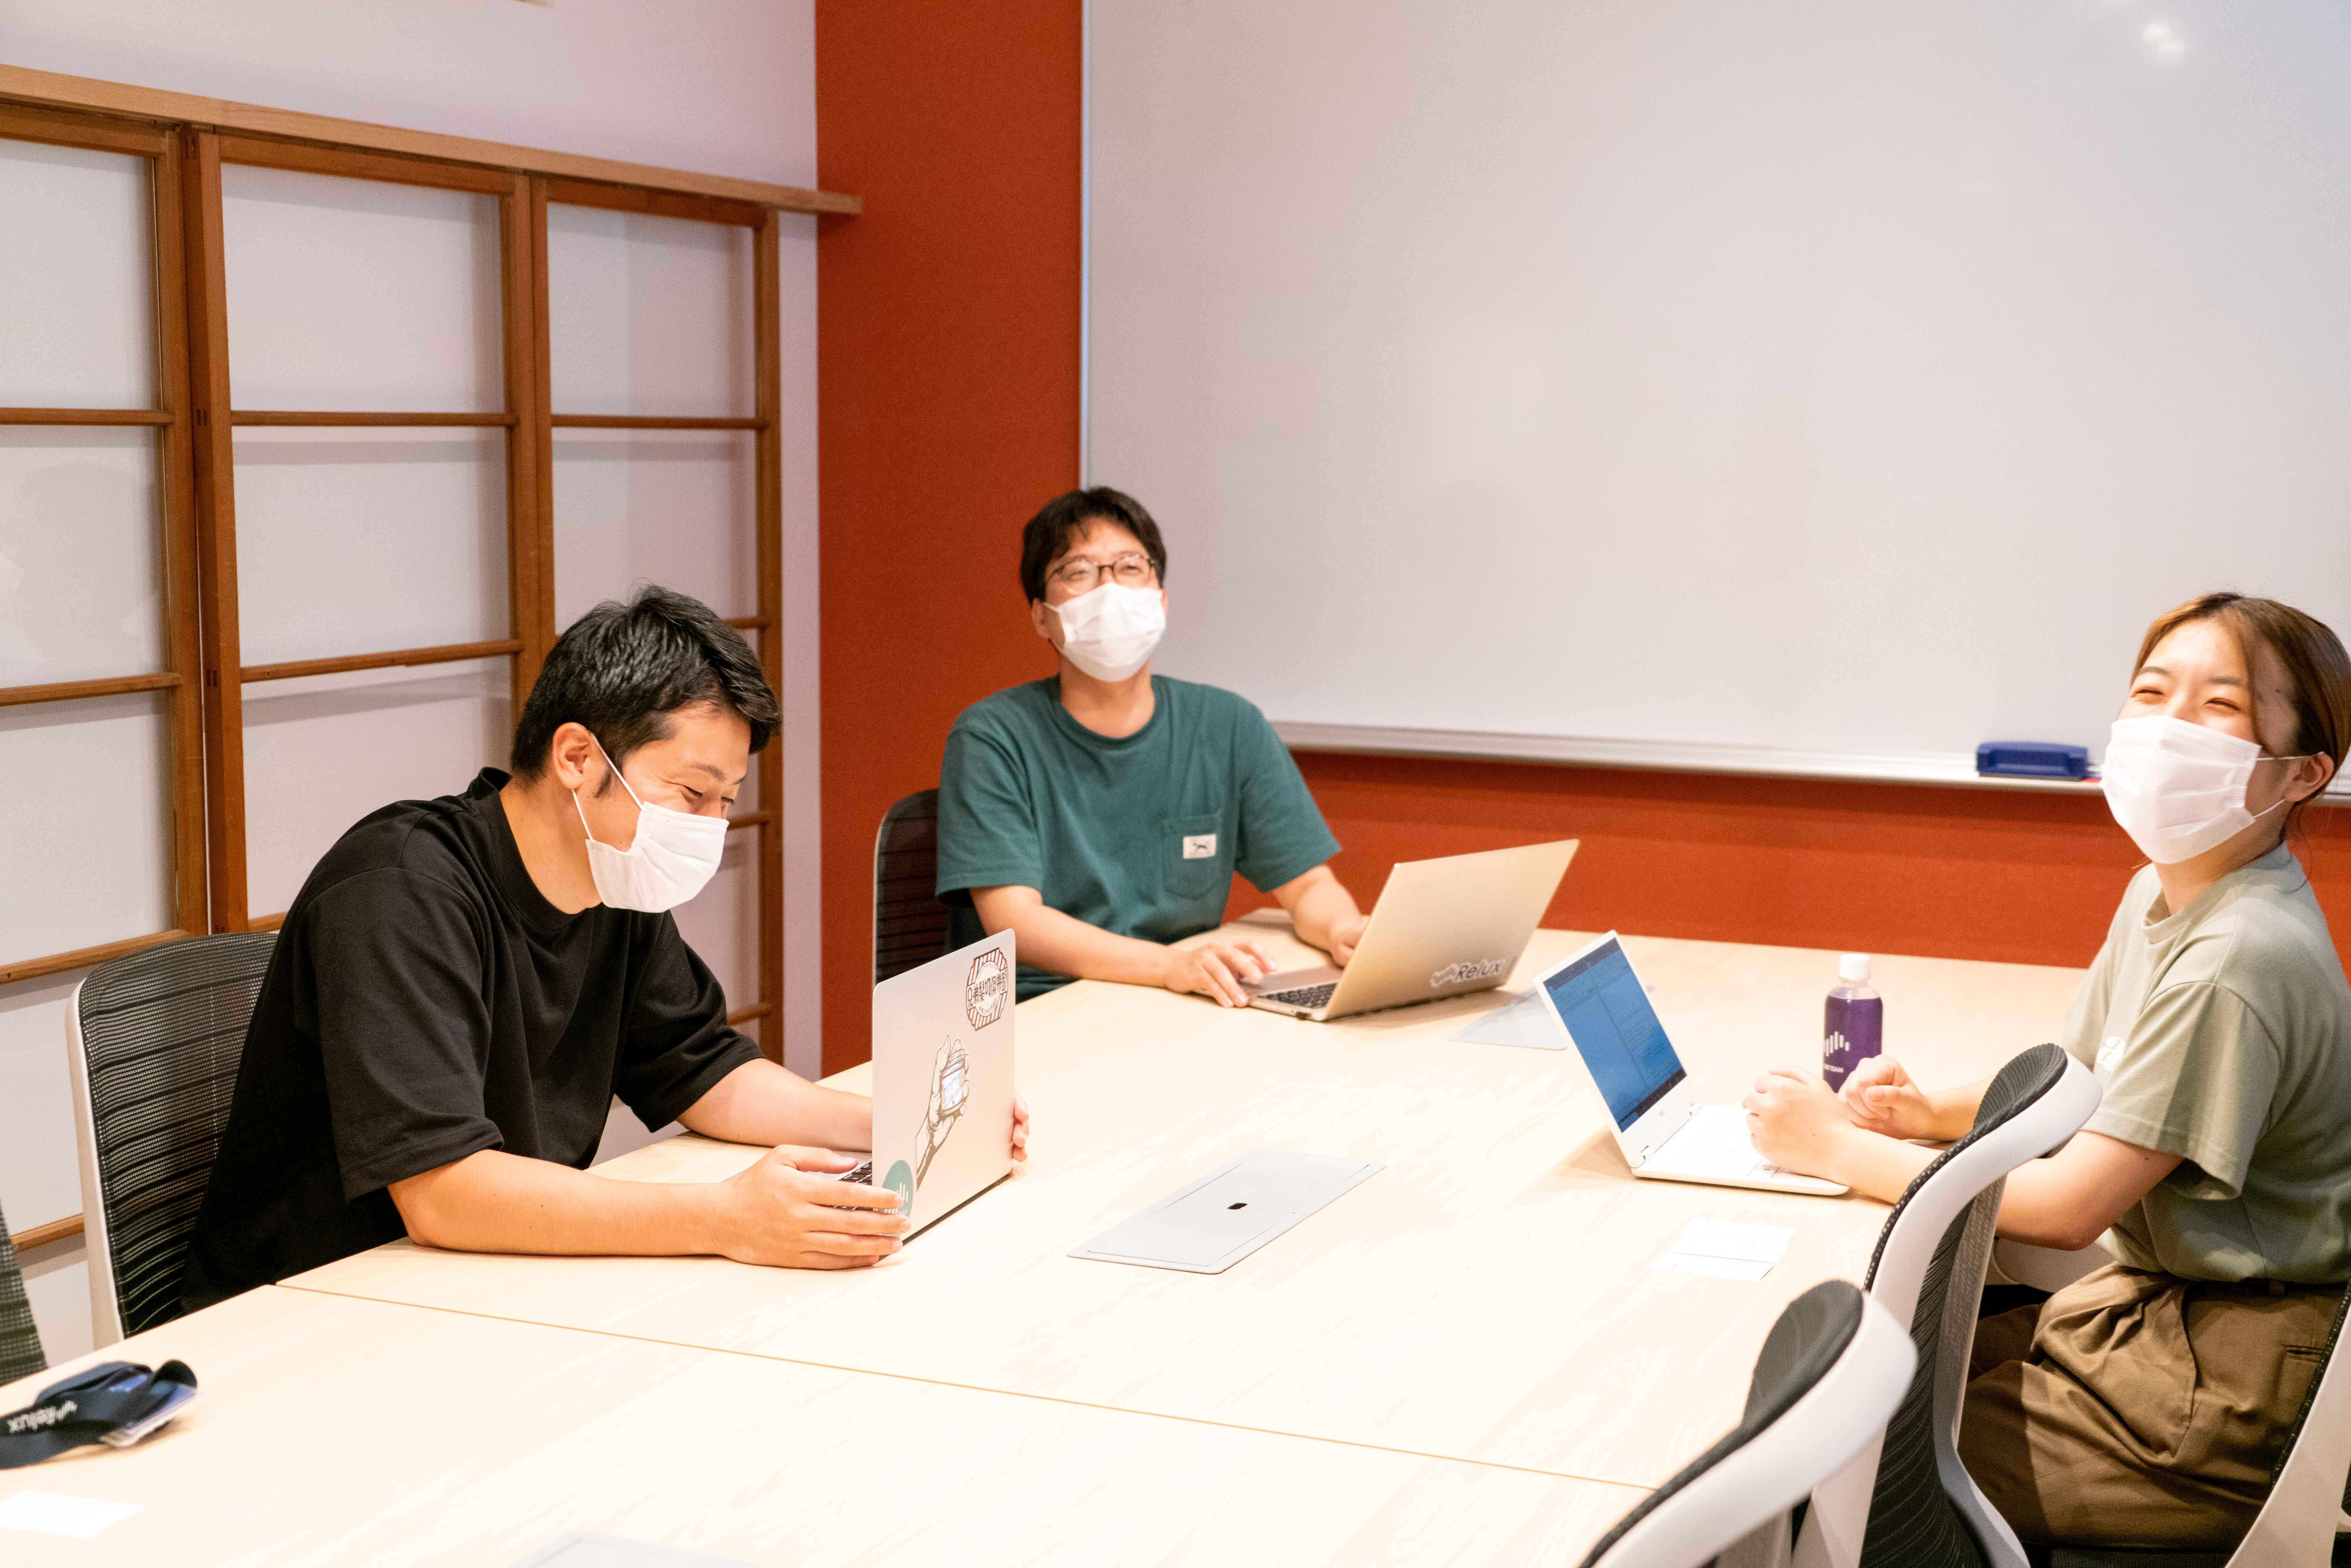 取材・撮影:2020年7月 ※撮影時以外はマスクをつける等、コロナウイルス対策を十分とった上で実施しました。